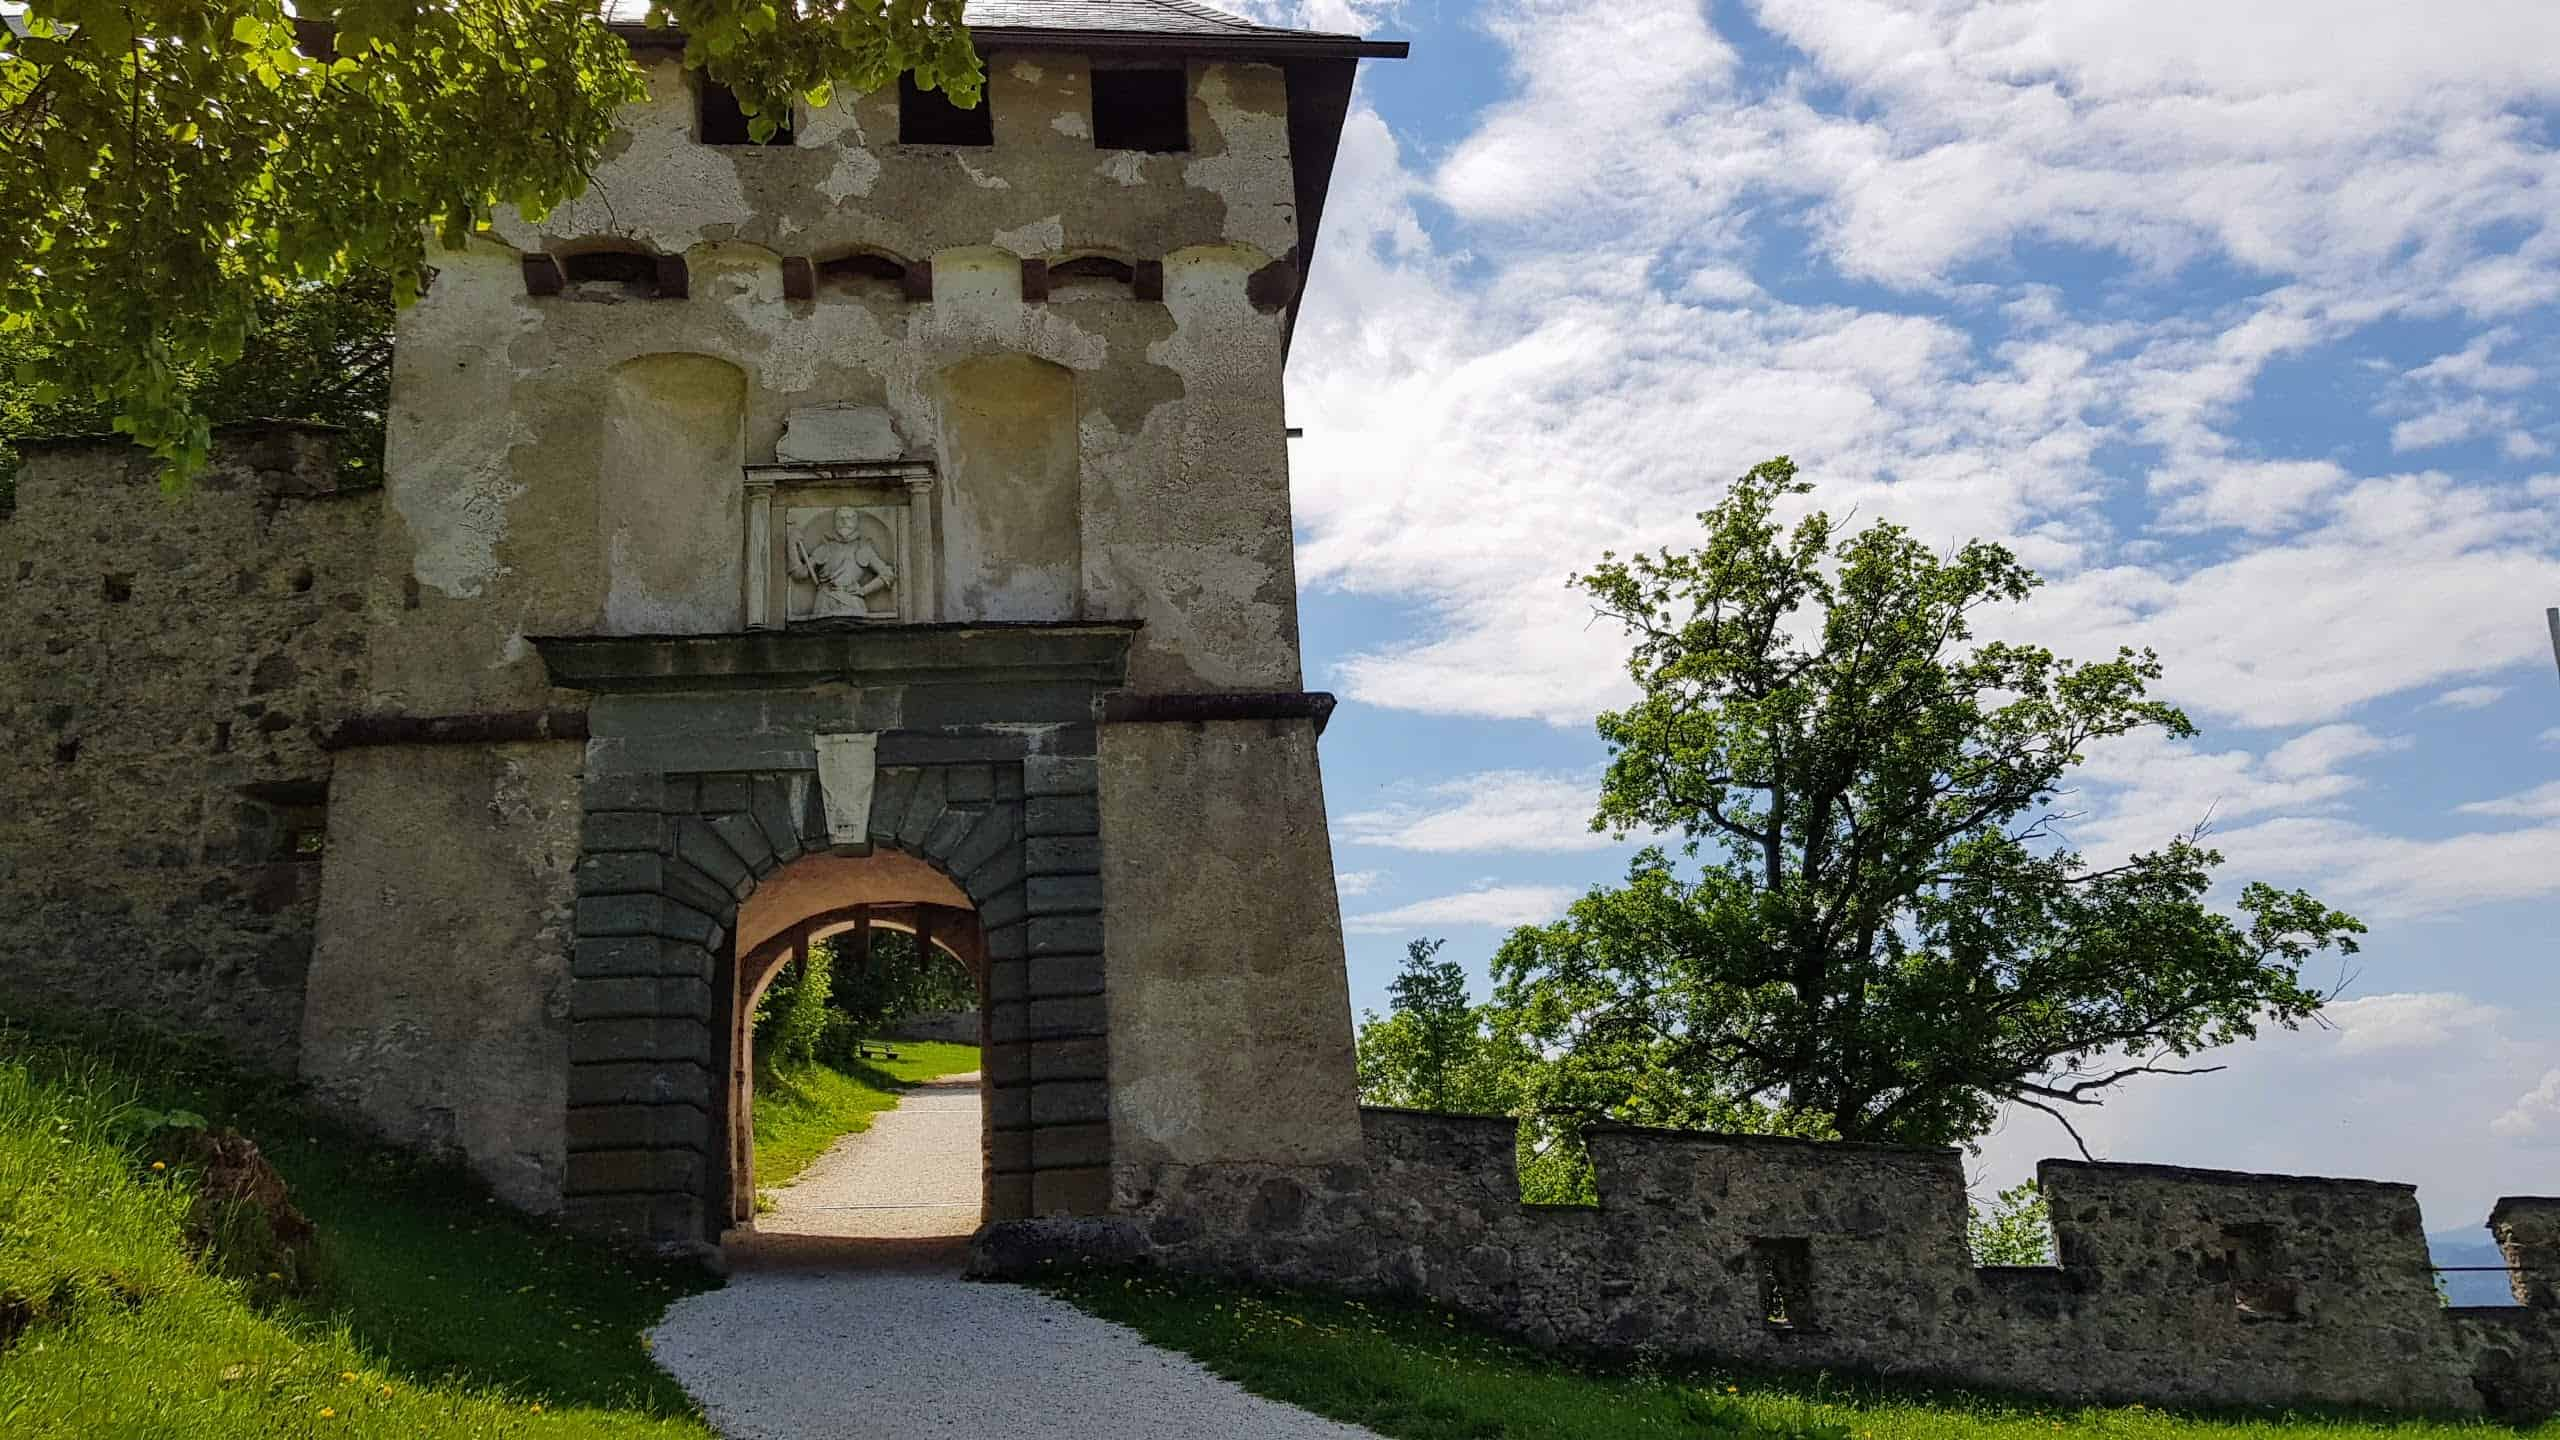 Aufgang auf Burg Hochosterwitz durch Burgtore entlang des kinderwagenfreundlichen Burgwegs. Khevenhüllertor.